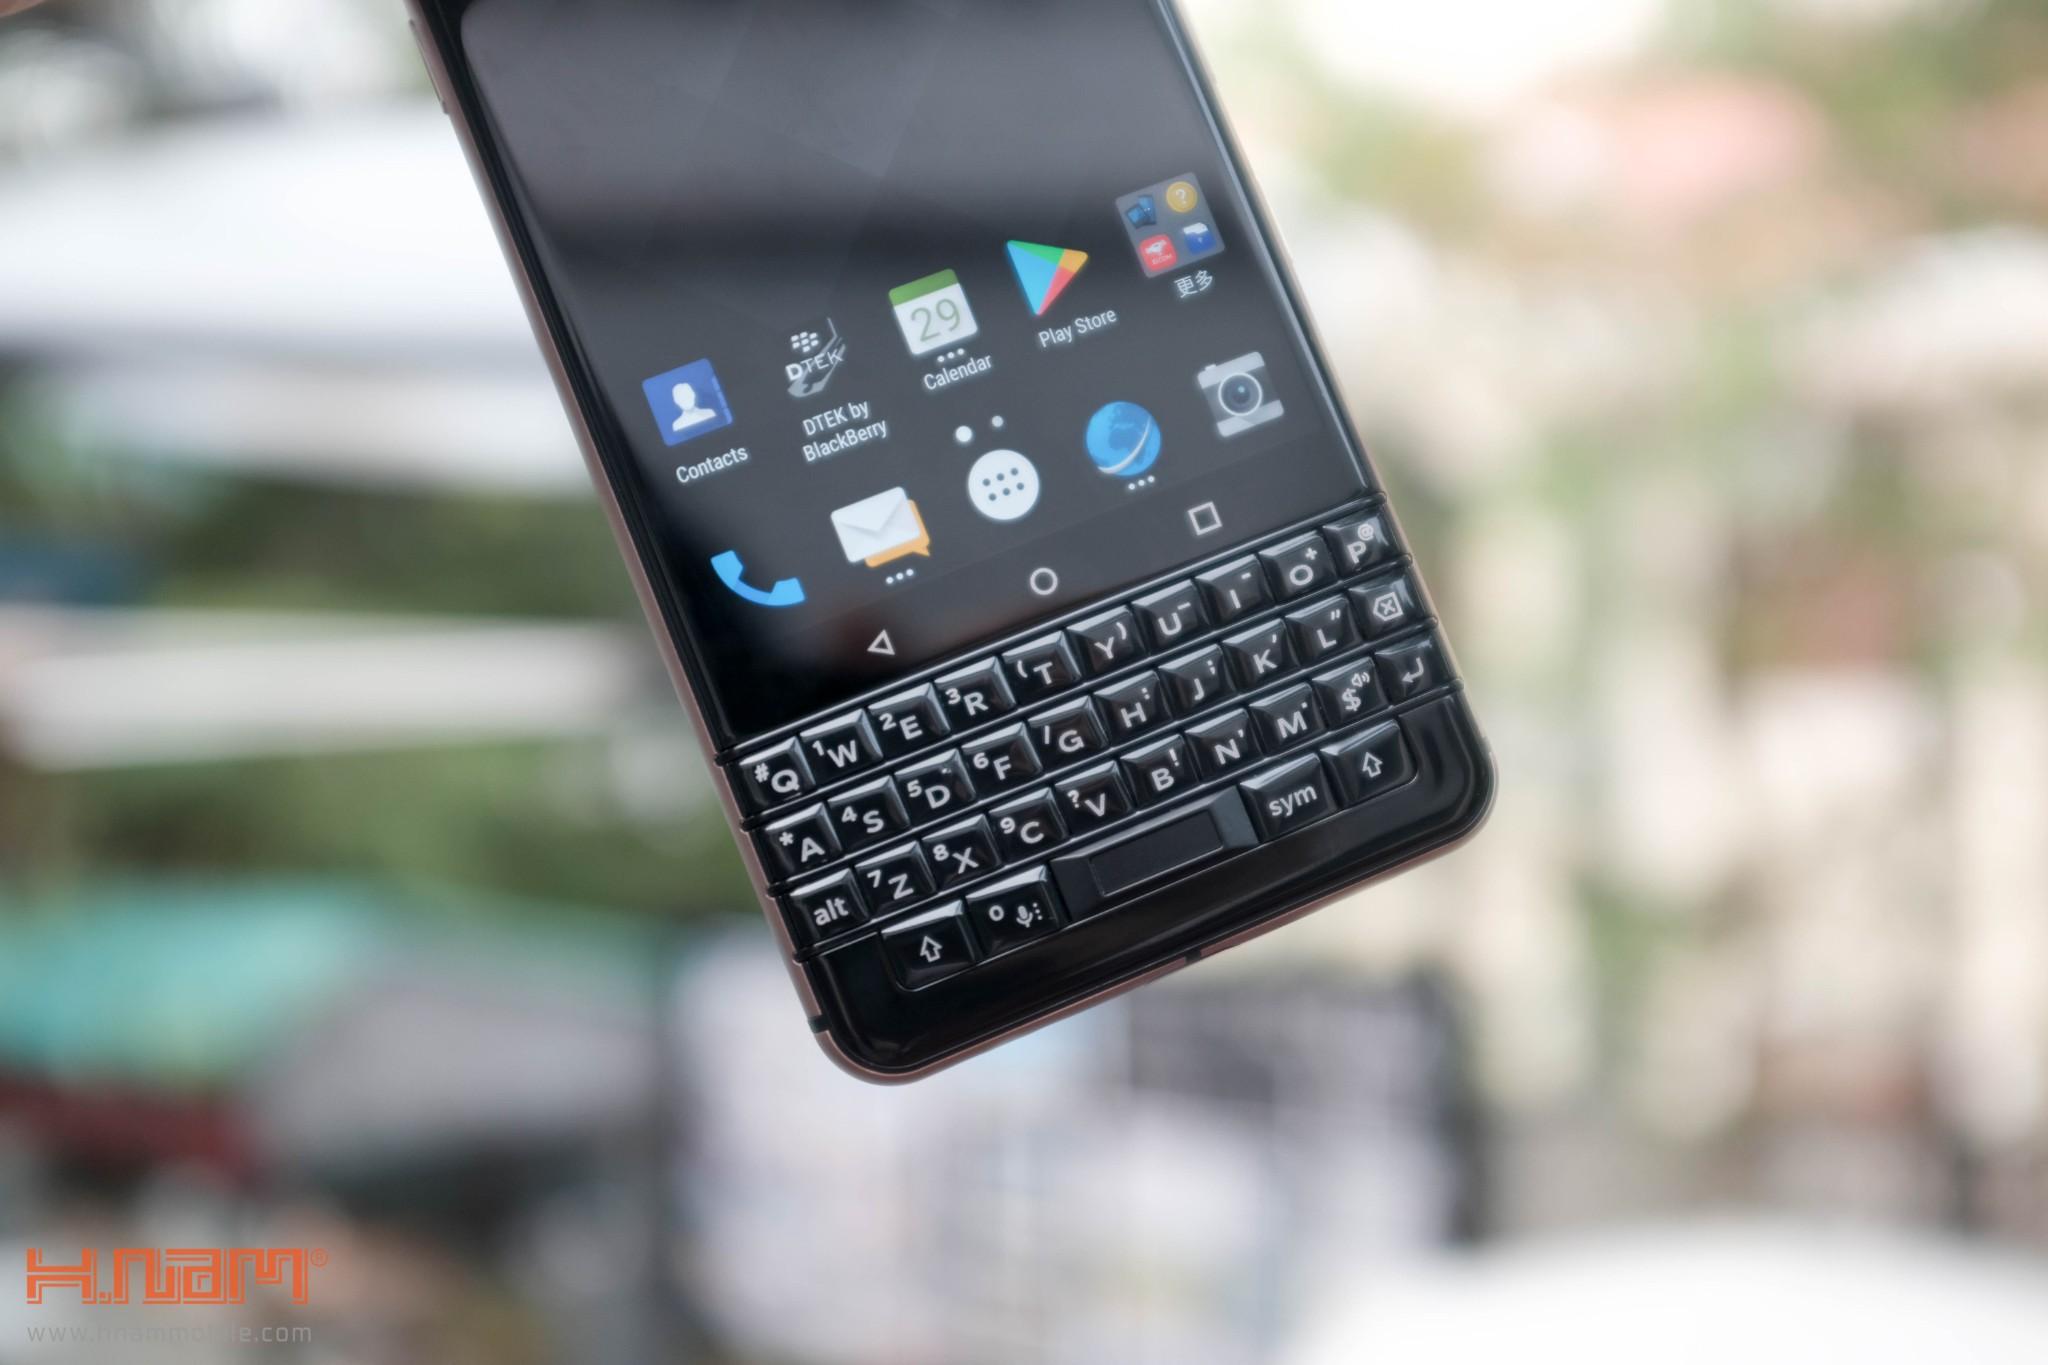 Trên tay Blackberry KEYone phiên bản màu Đồng cực chất! hình 15